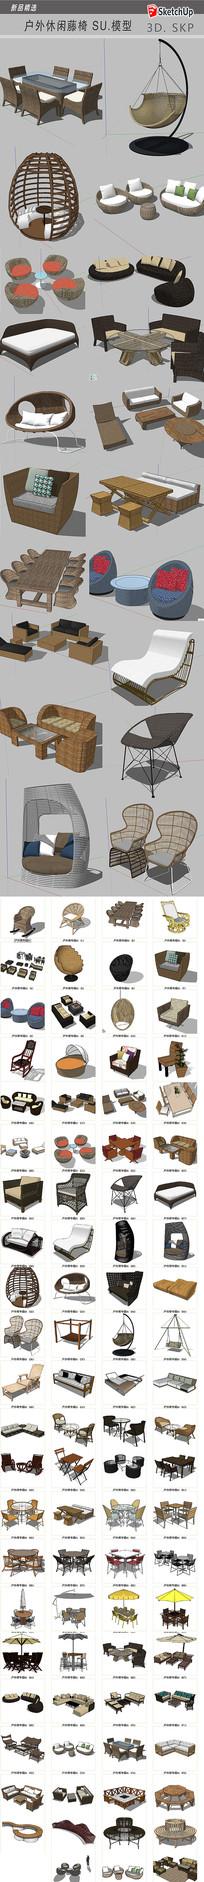 休闲藤椅模型